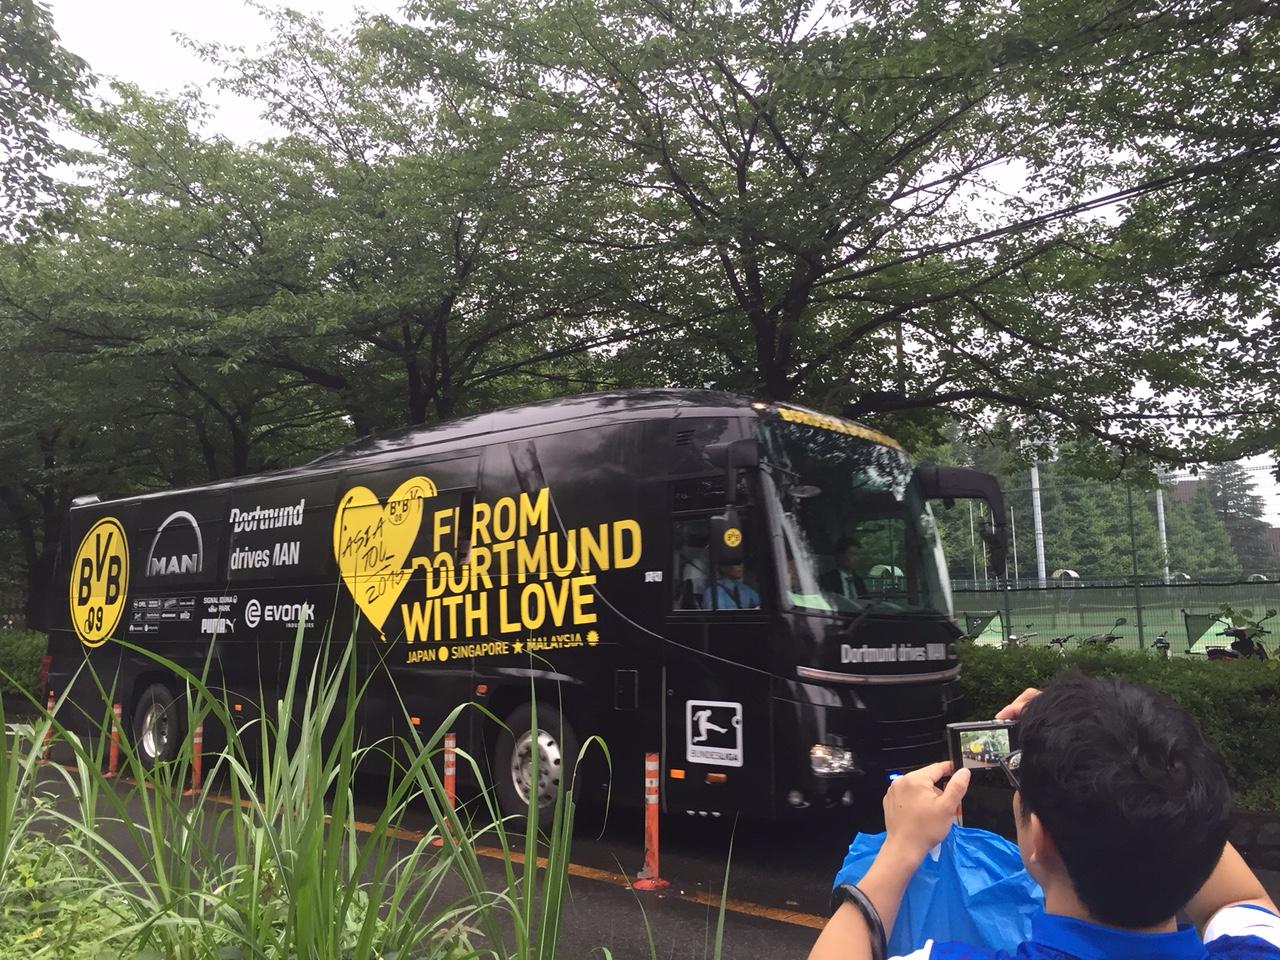 Der BVB tourt derzeit mit ganz viel Liebe durch Asien